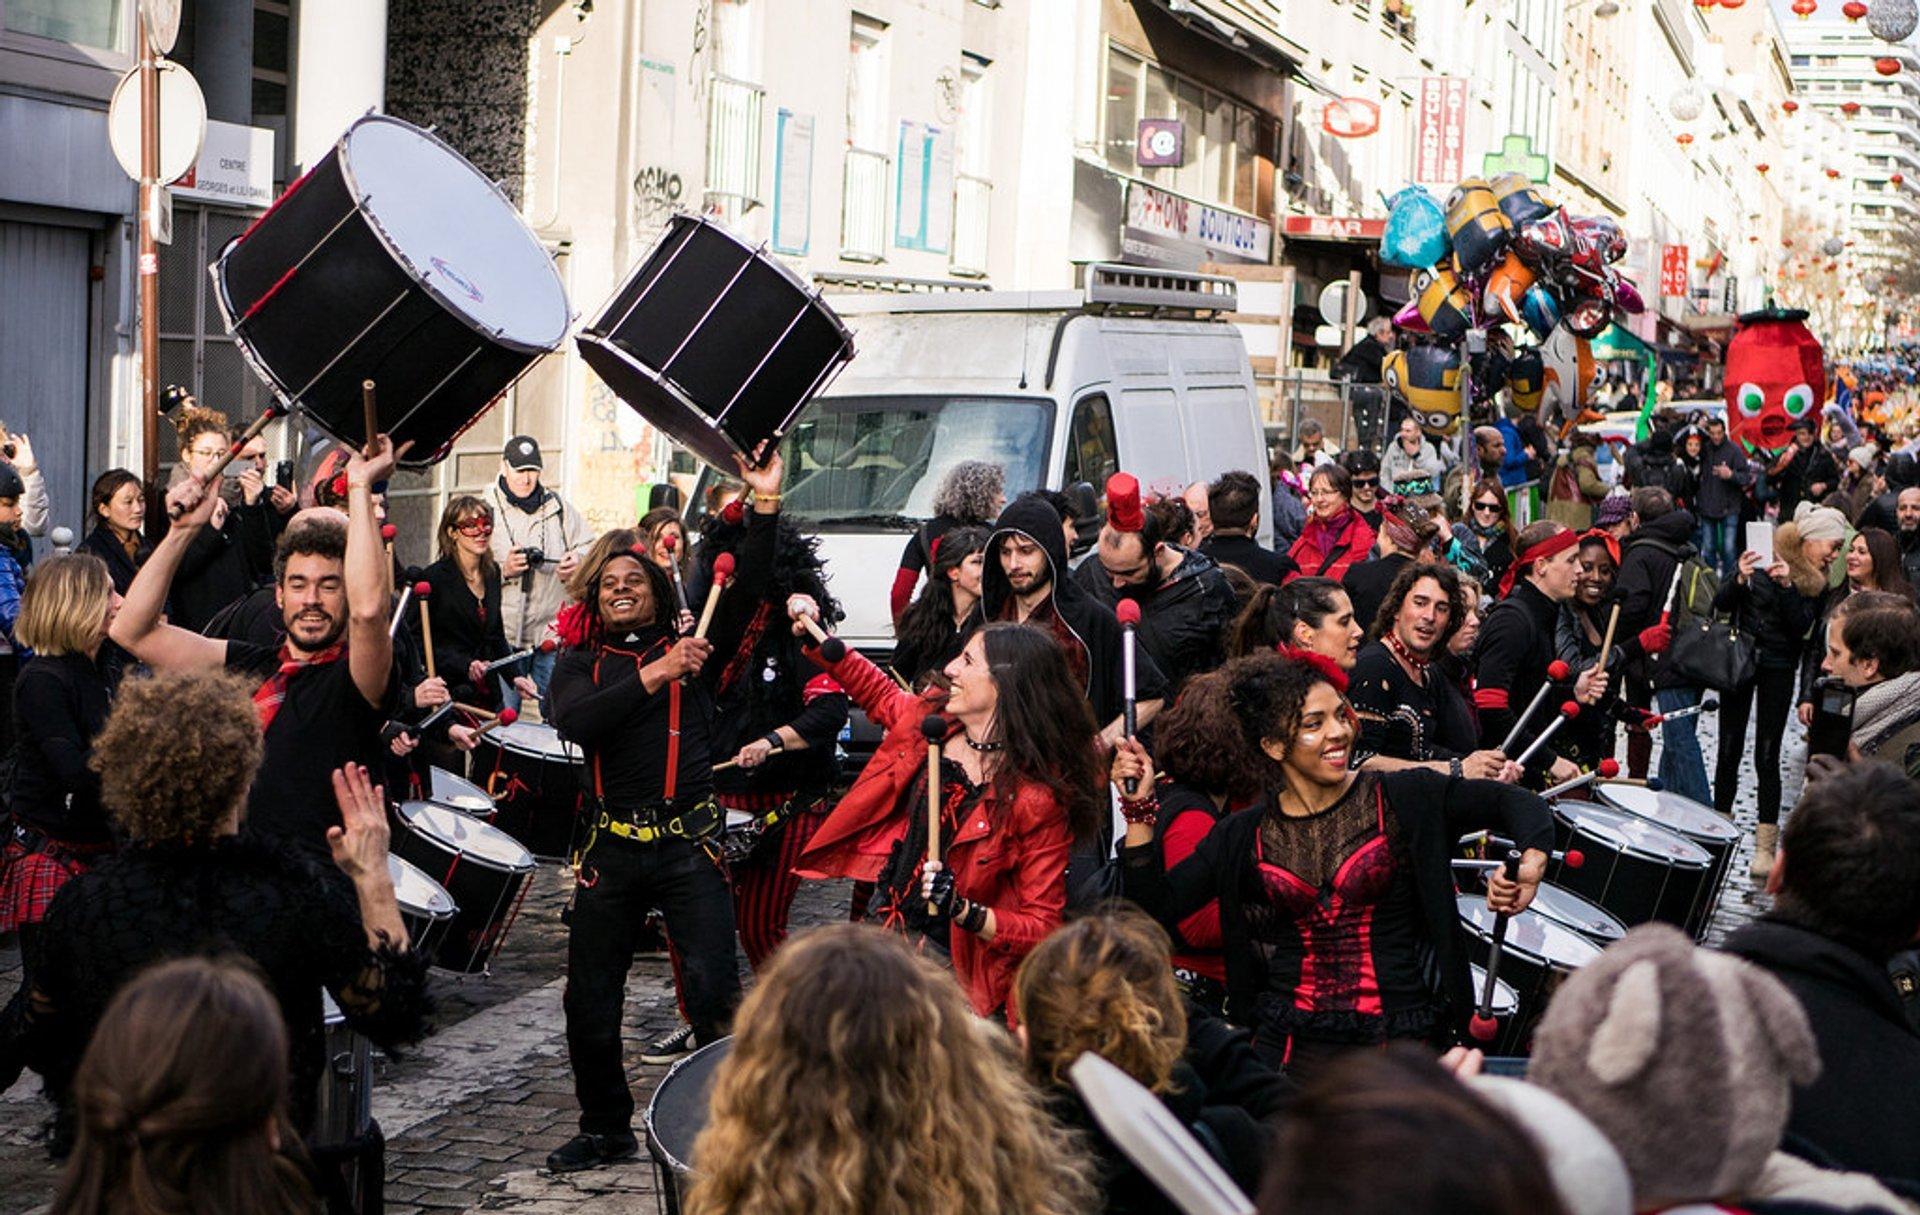 Carnaval de Paris and Carnaval des Femmes in Paris - Best Season 2019